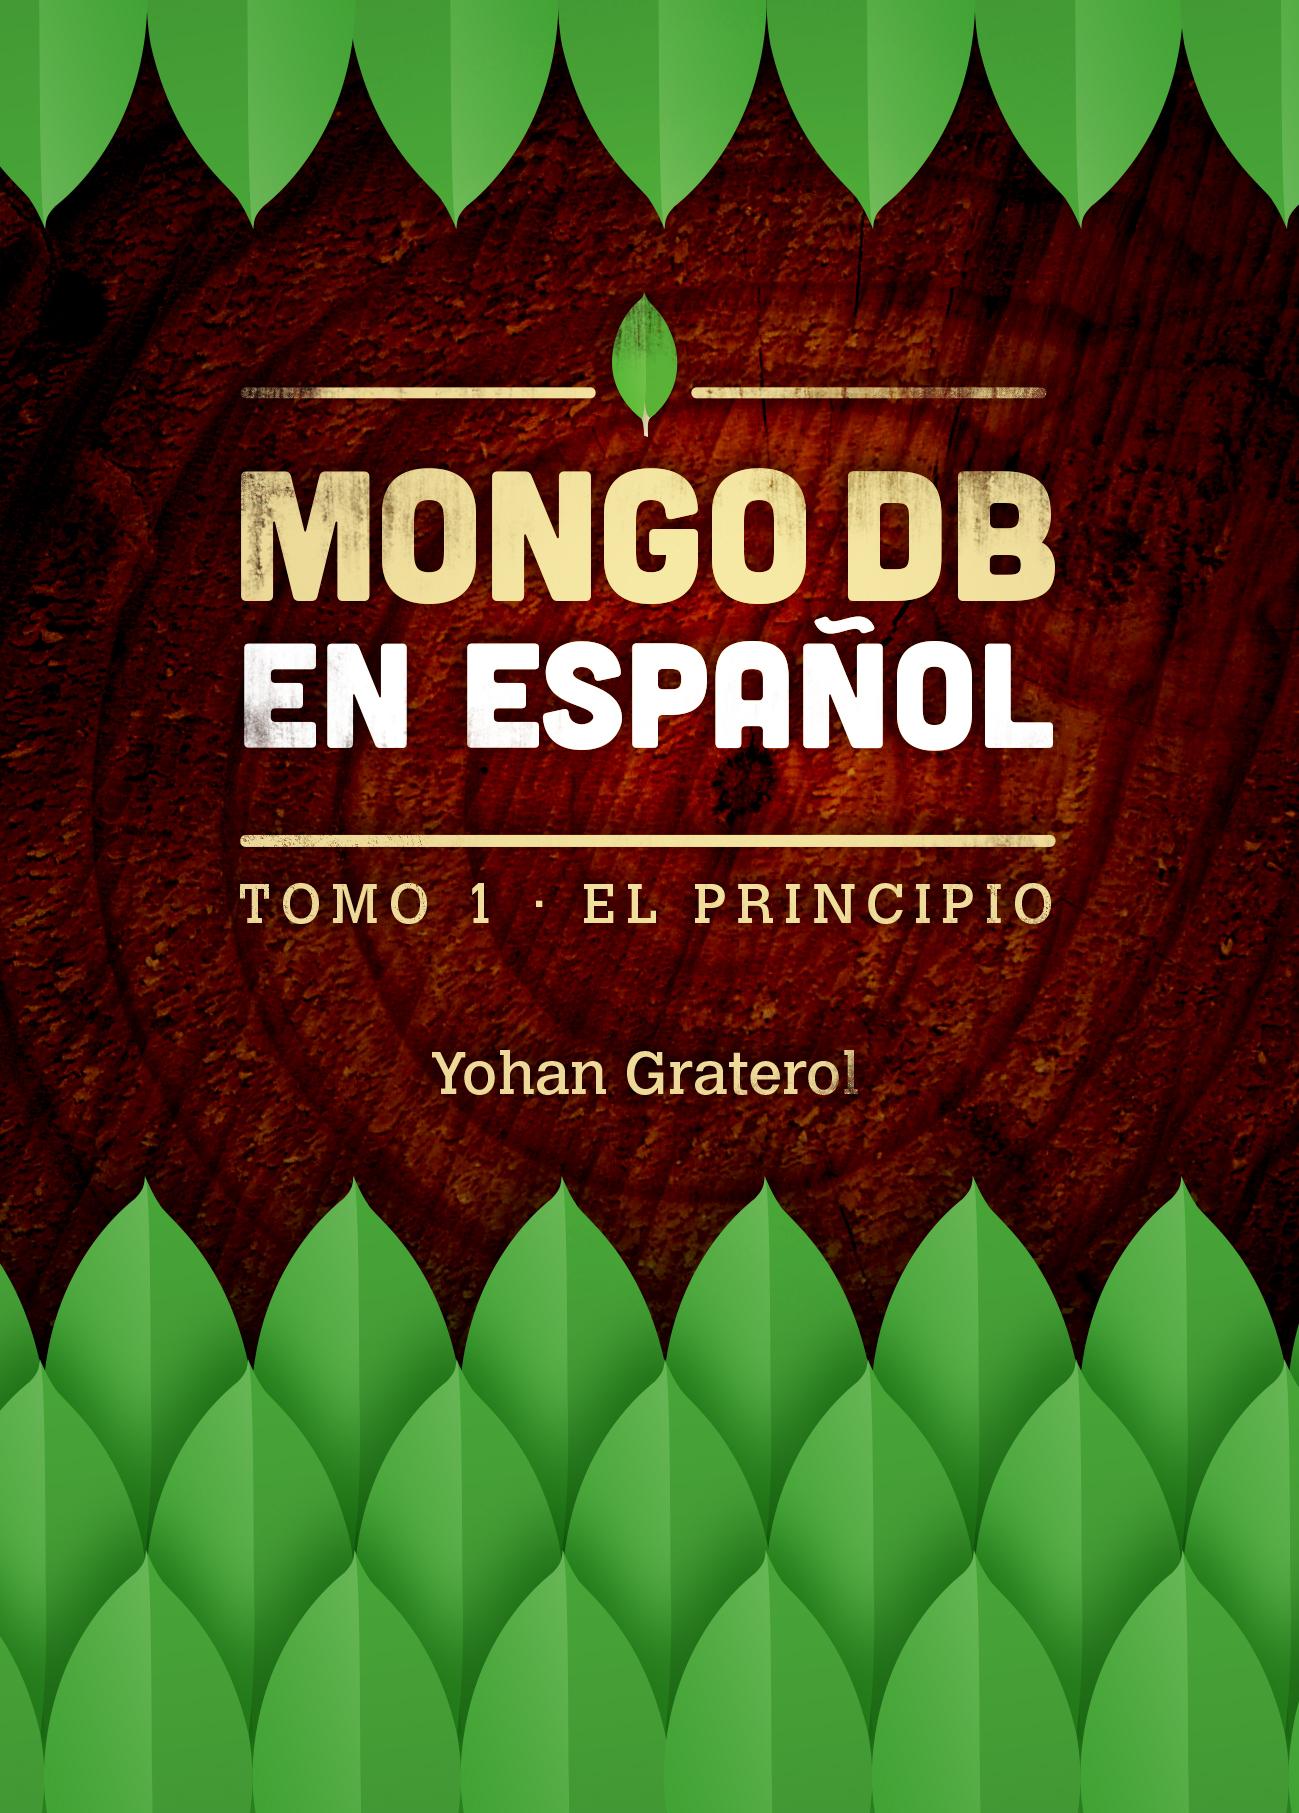 Tomo 1 del libro de MongoDB en español